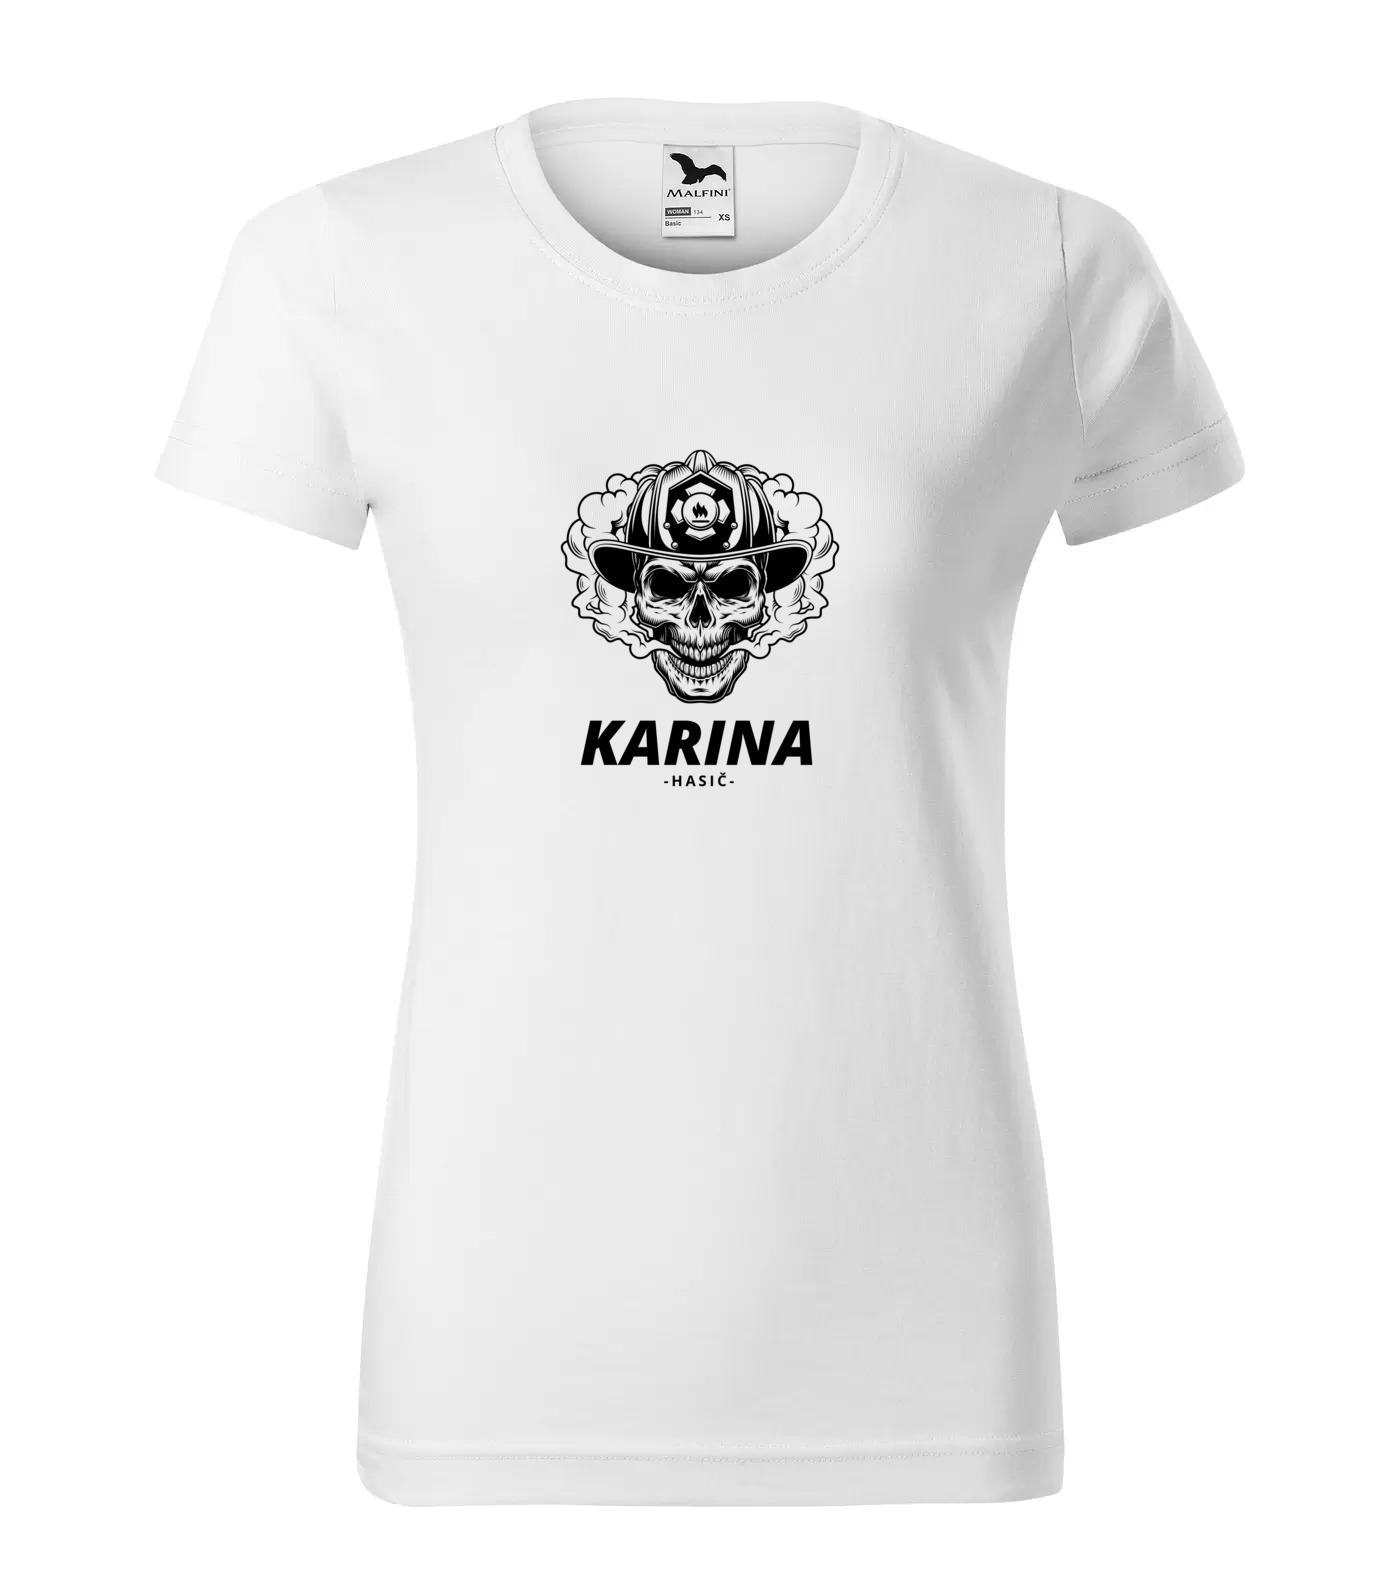 Tričko Hasič Karina